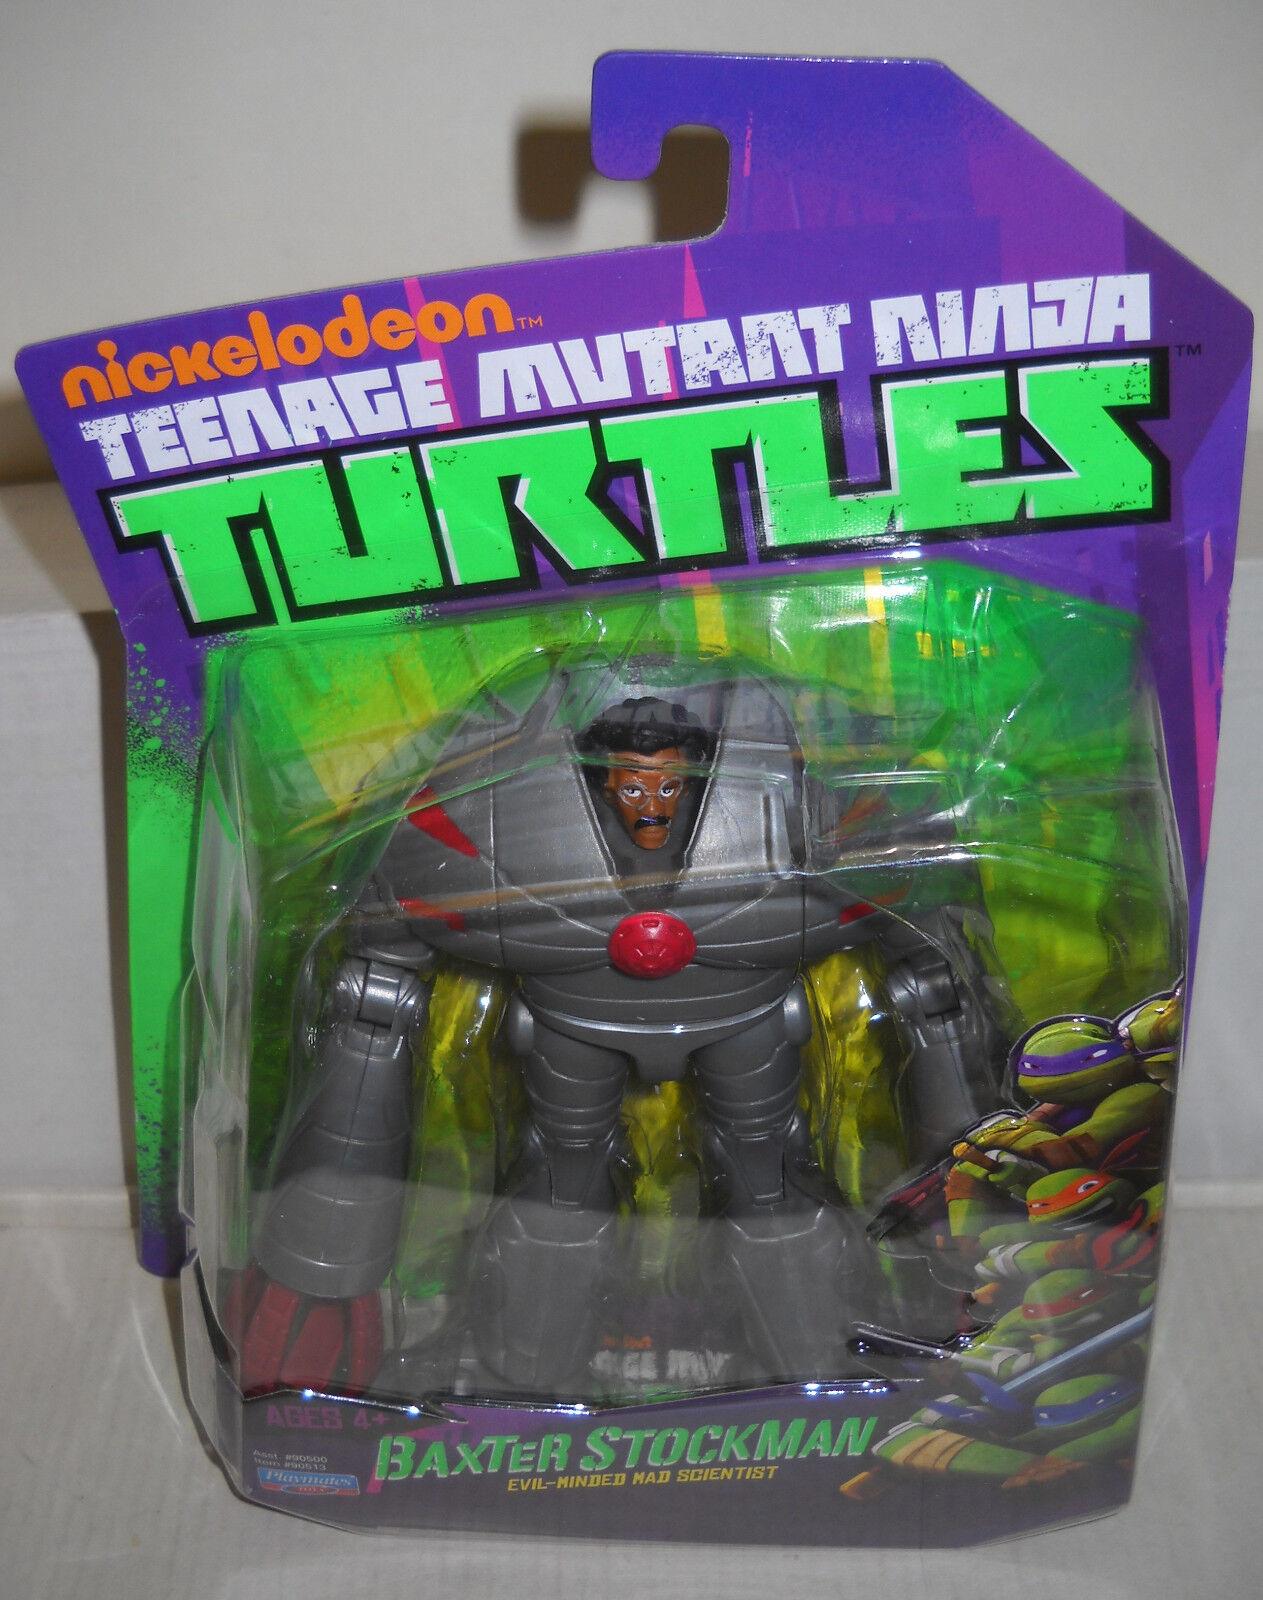 8849 nrfc Jugarmates Nickelodeon Teenage Mutant Ninja Turtles Baxter Stockman